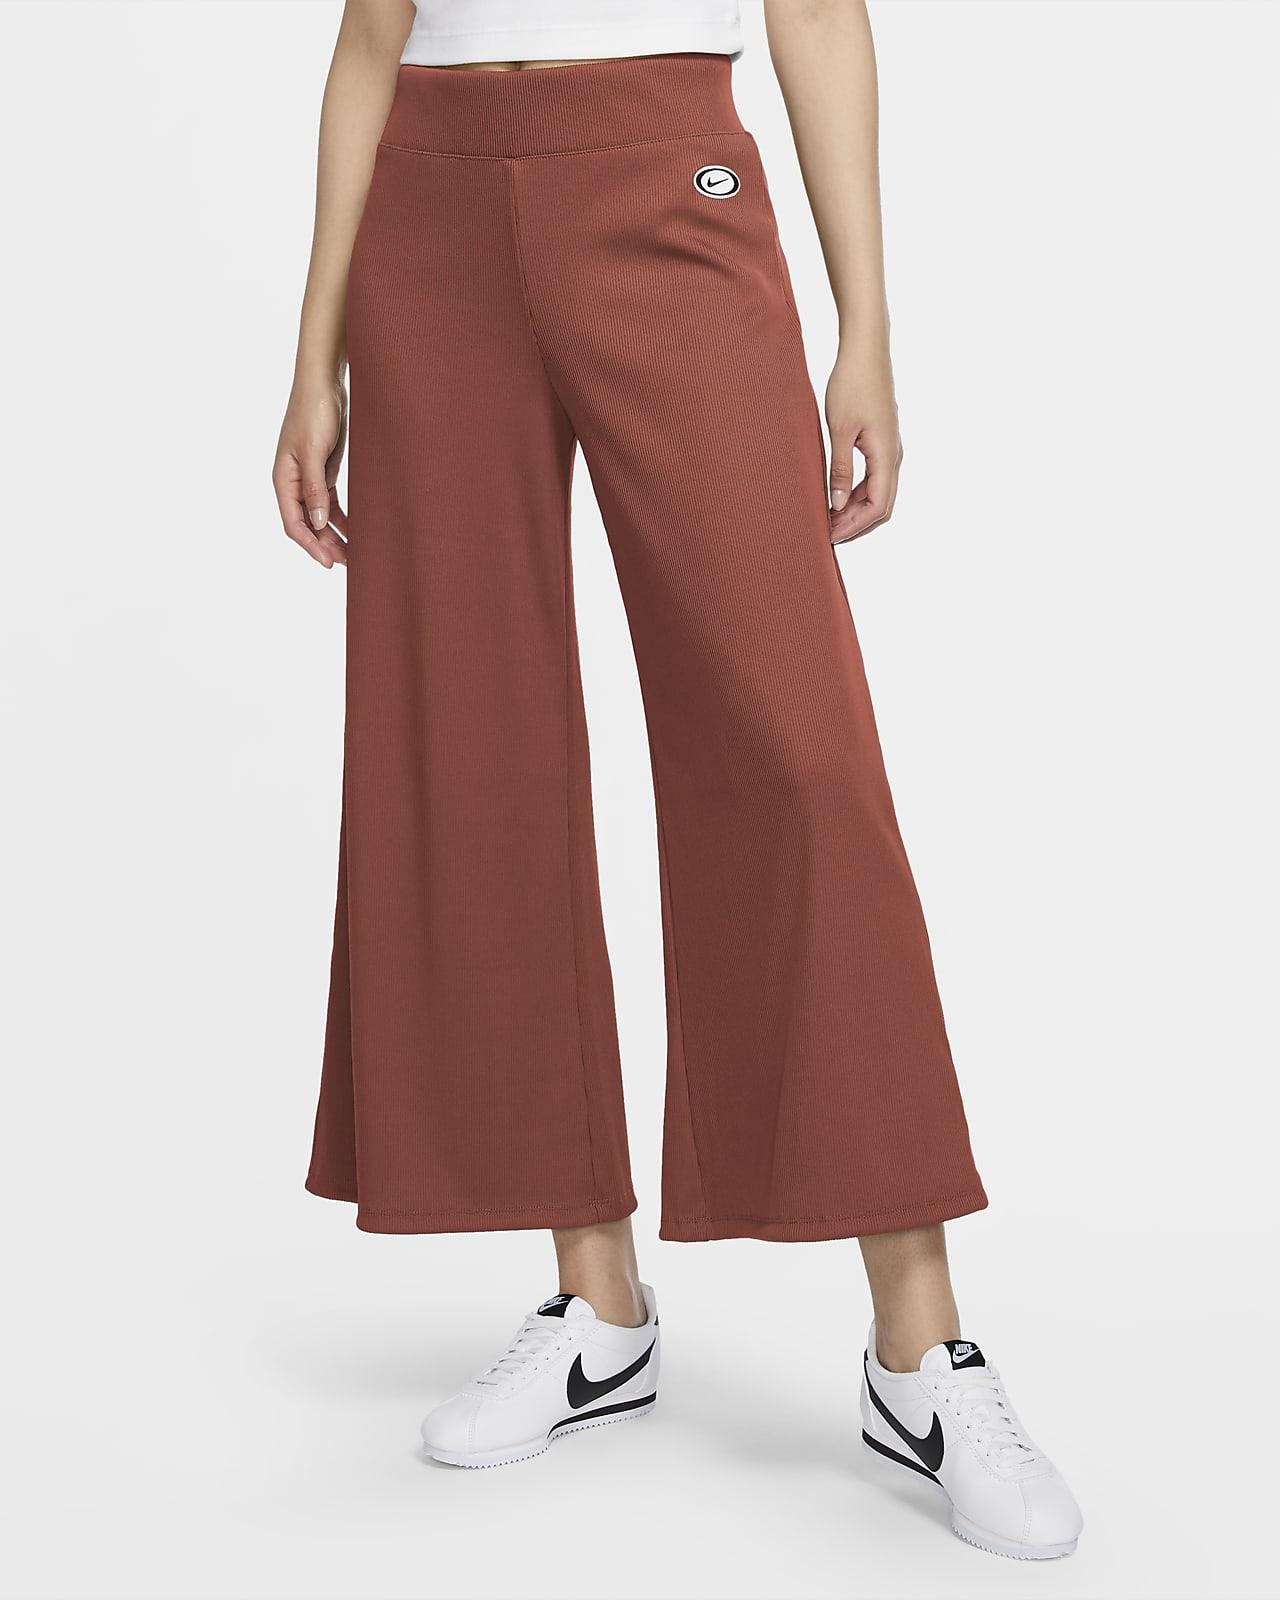 Nike Sportswear Women's Ribbed Trousers